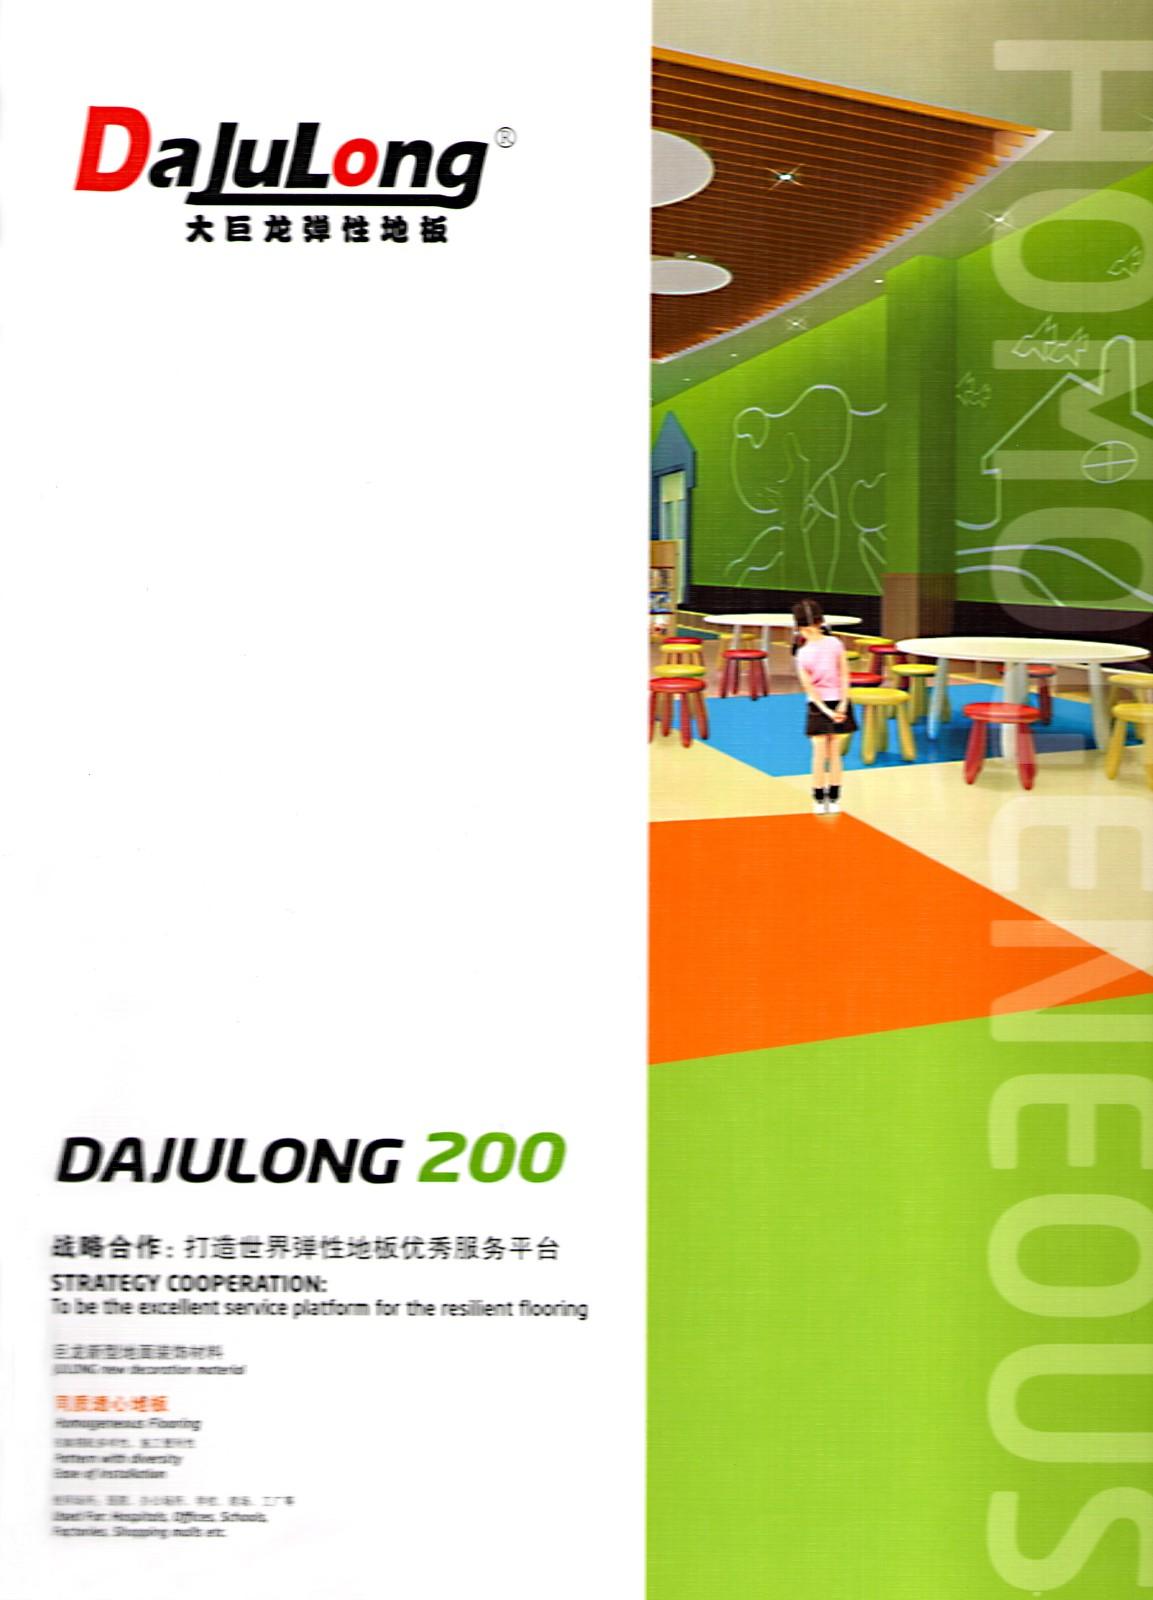 大巨龙NO.200PVC地板|大巨龙系列-陕西棋牌挣钱建材有限责任公司